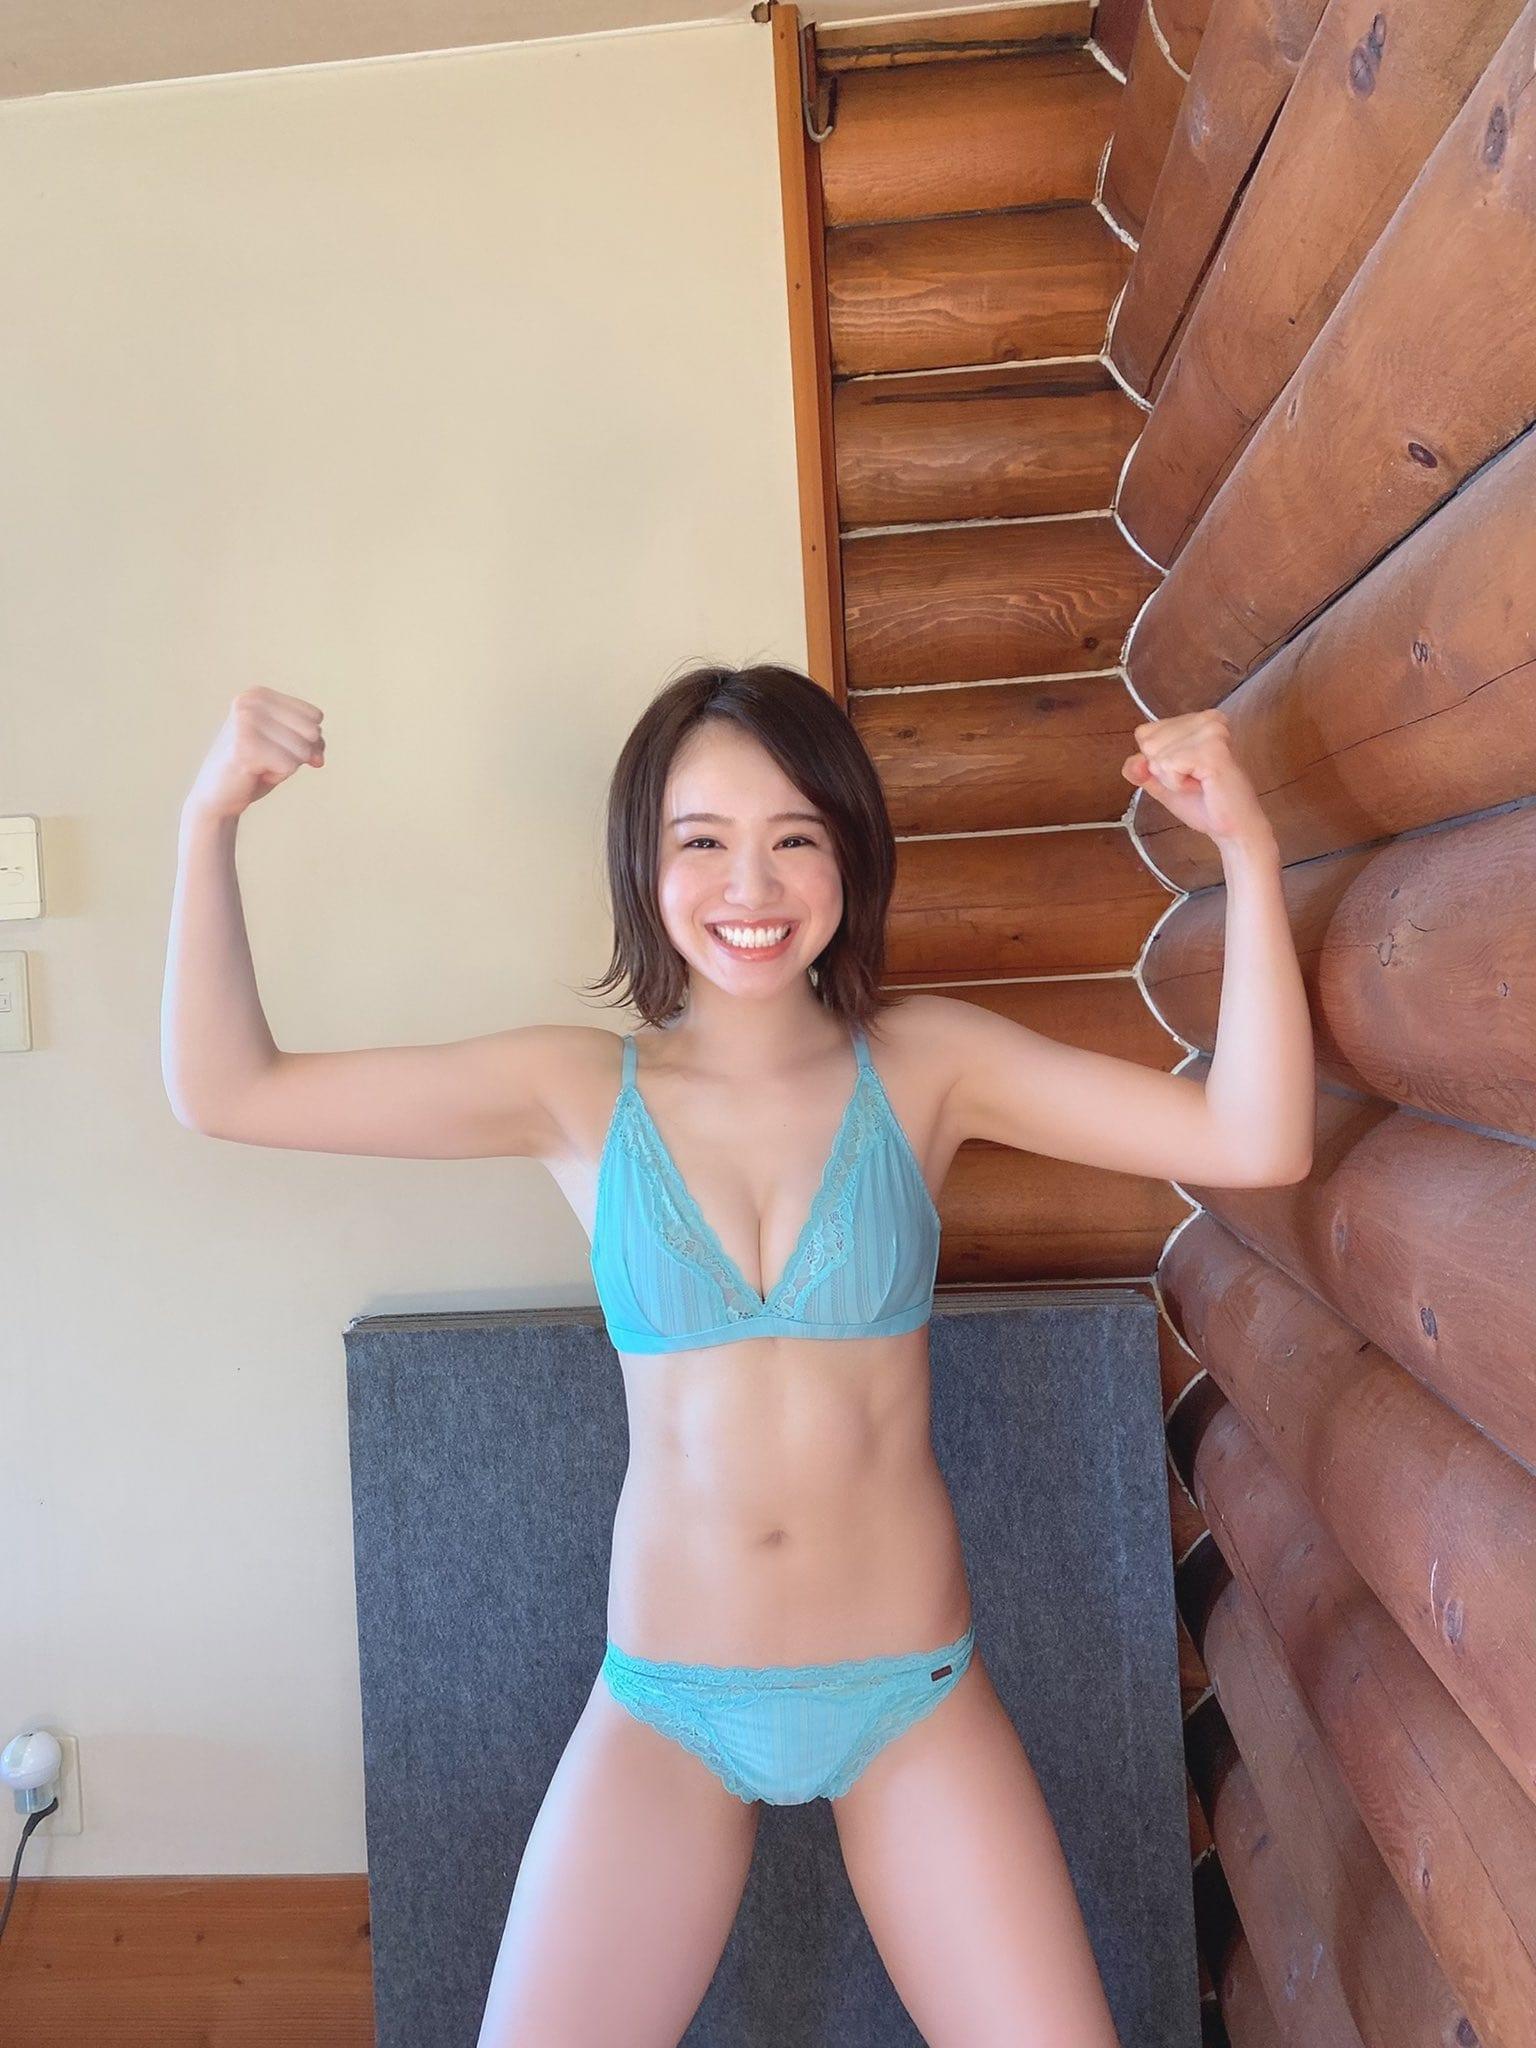 NMB48水田詩織「セクシー&腹筋がすごい…」雑誌グラビアのオフショット公開にファン感嘆【画像2枚】の画像002